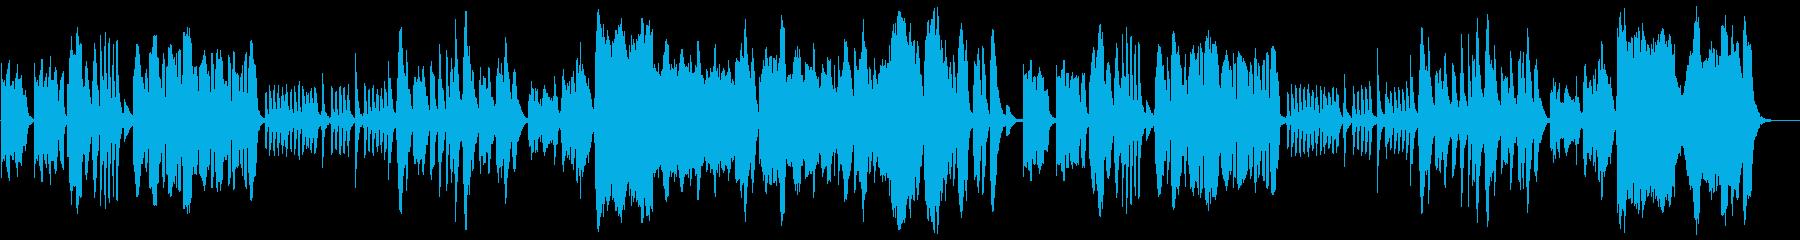 コミカルでほのぼのとした管弦楽の再生済みの波形